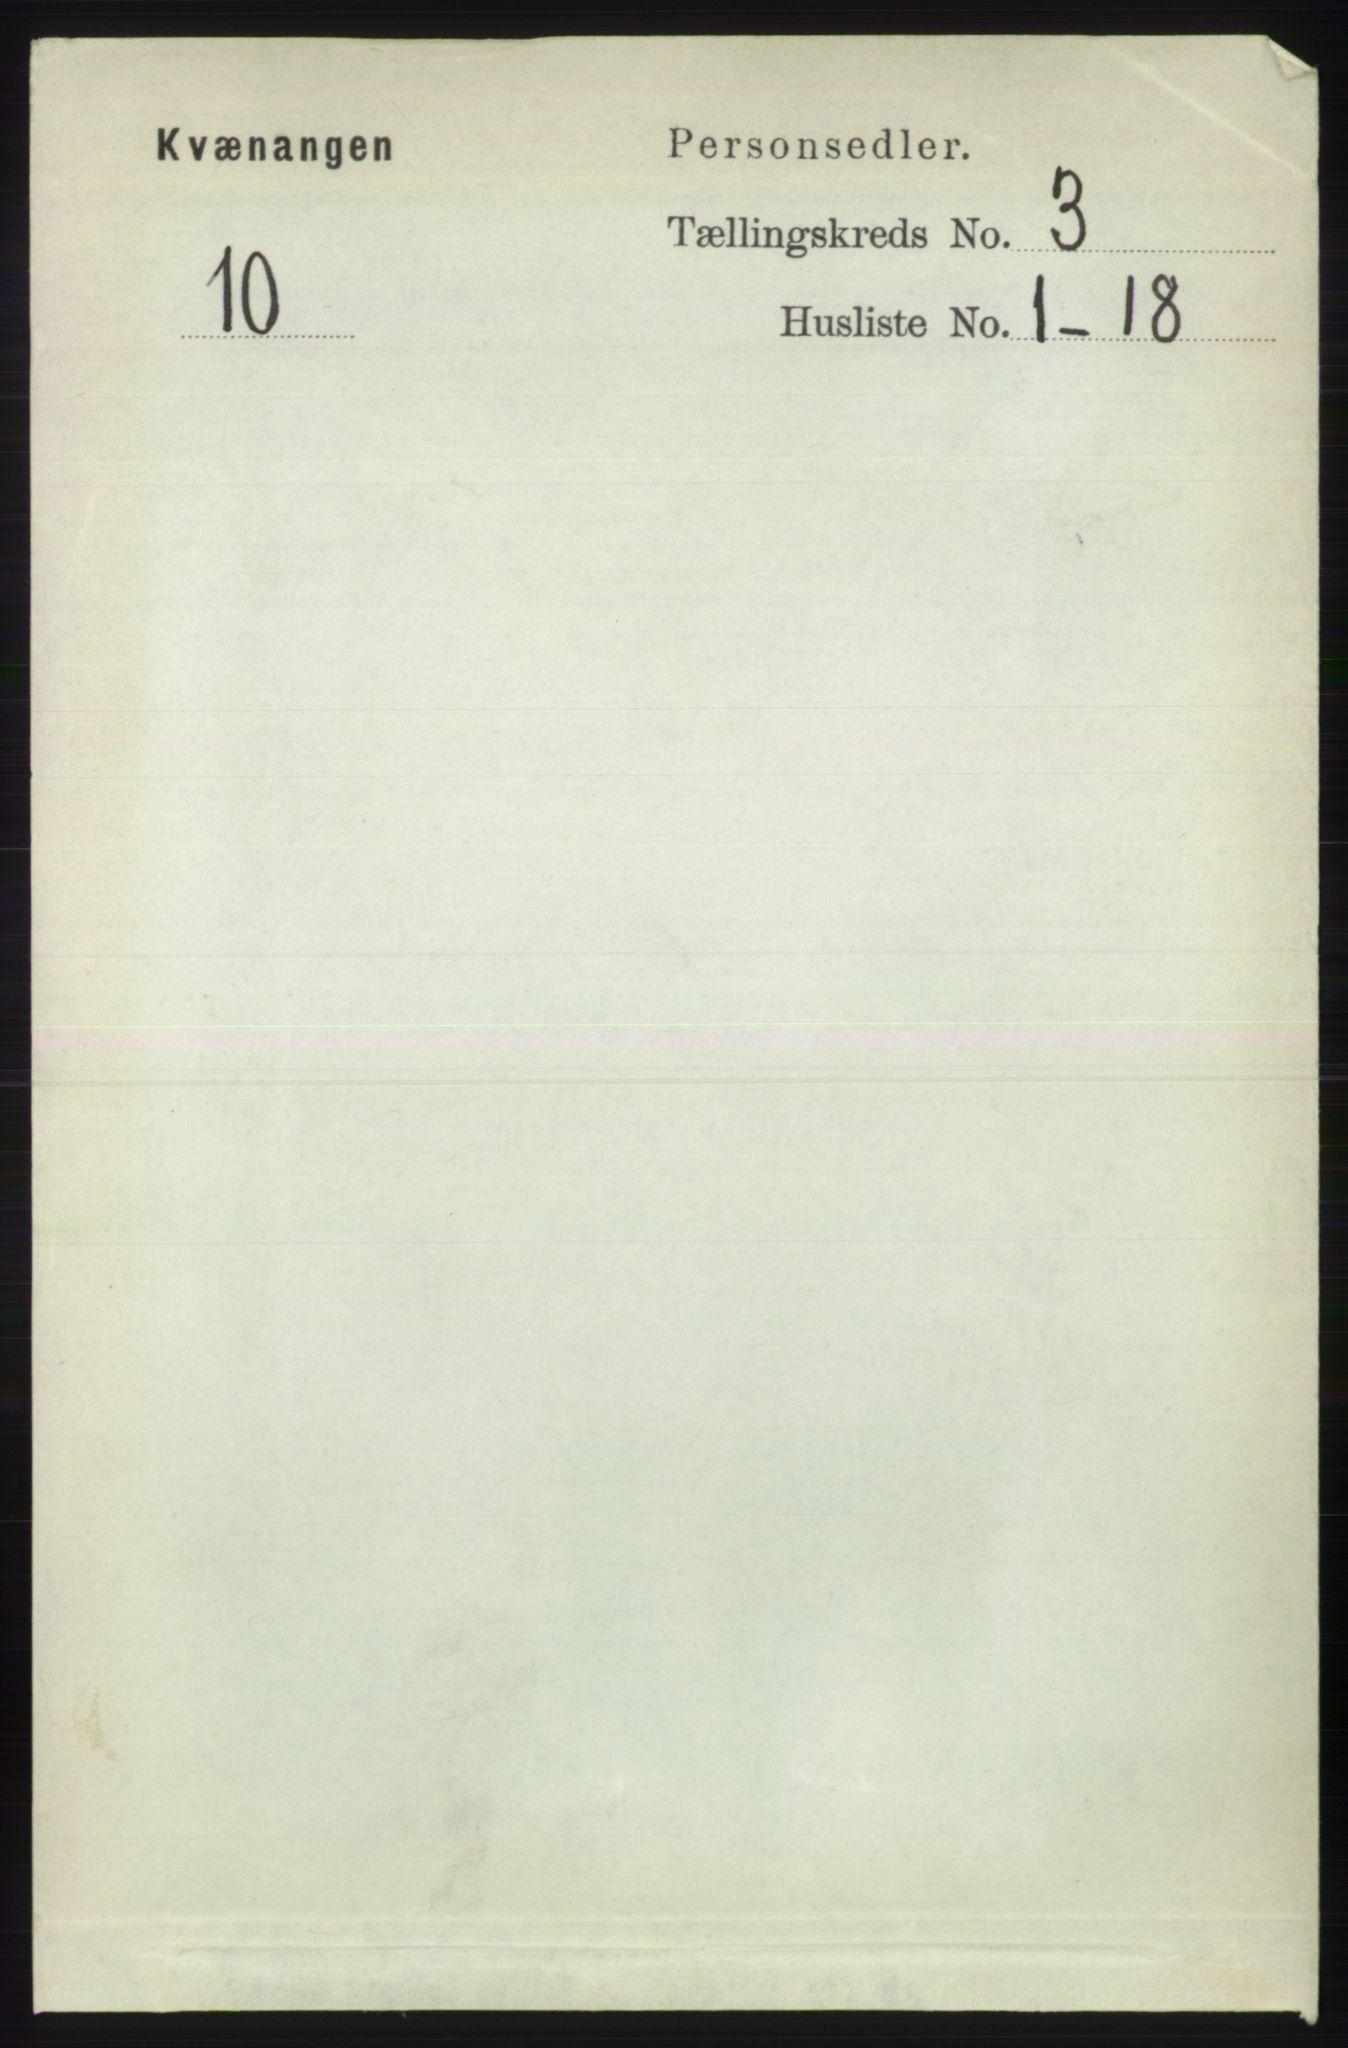 RA, Folketelling 1891 for 1943 Kvænangen herred, 1891, s. 1064